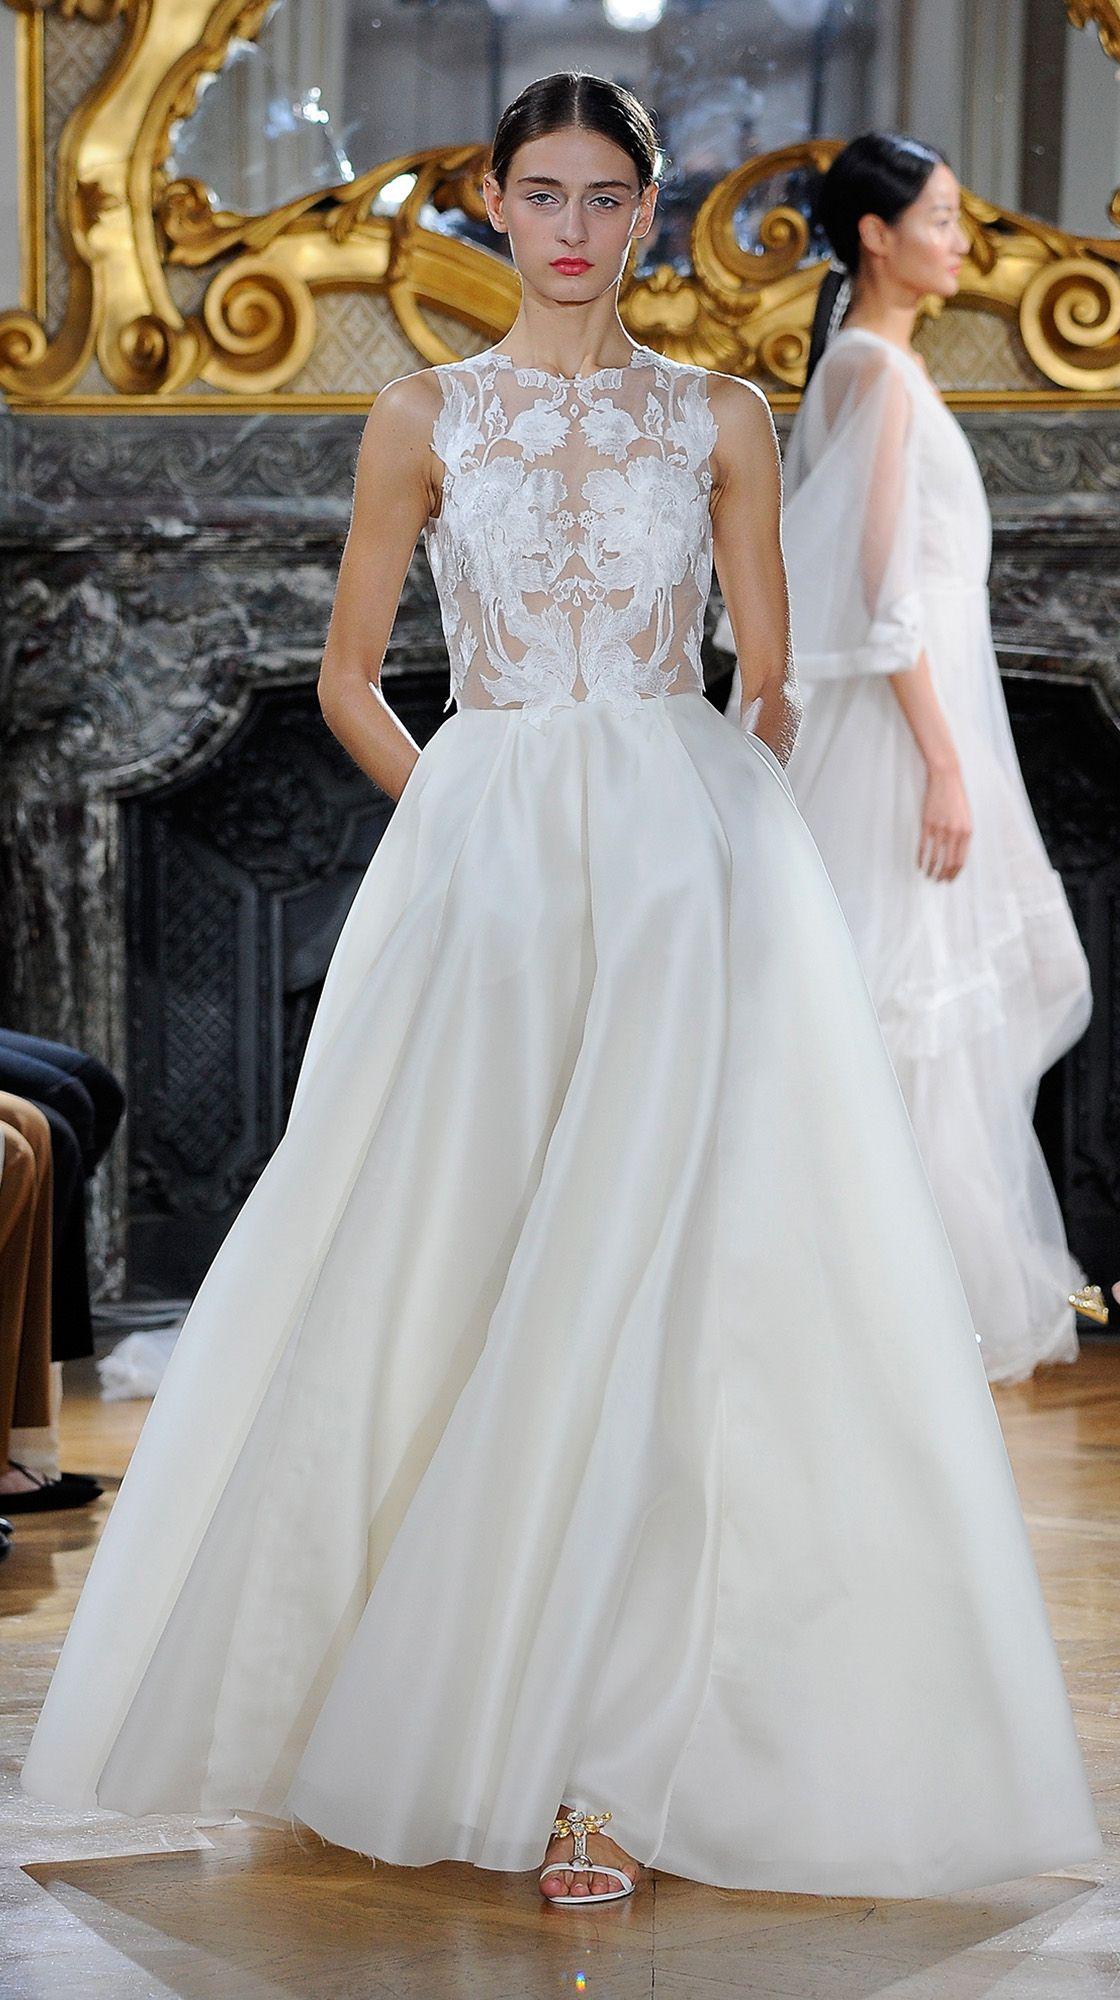 Goddess Iris Dress | Fashion Looks | Pinterest | Brautkleid und Kleider